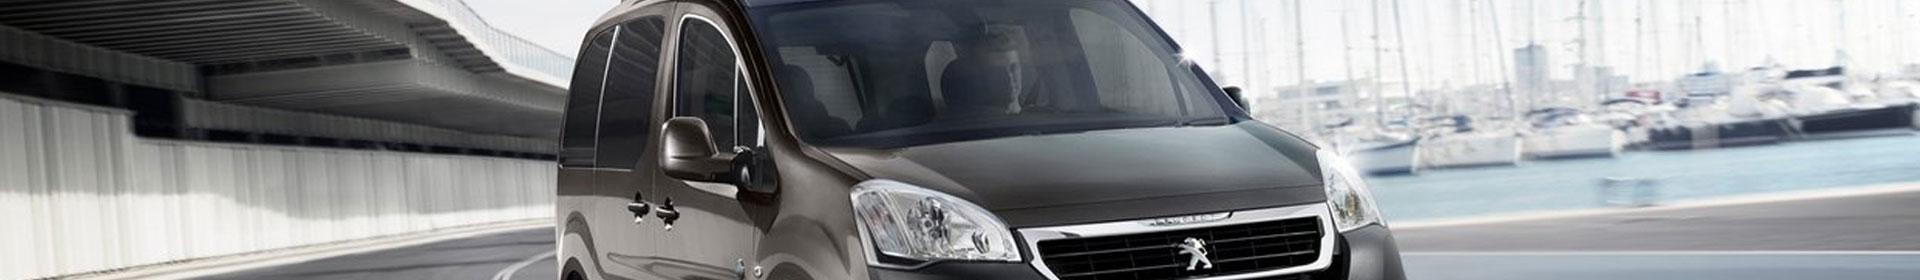 Auto Louwes nieuwe en gebruikte auto's - Uitlijnen